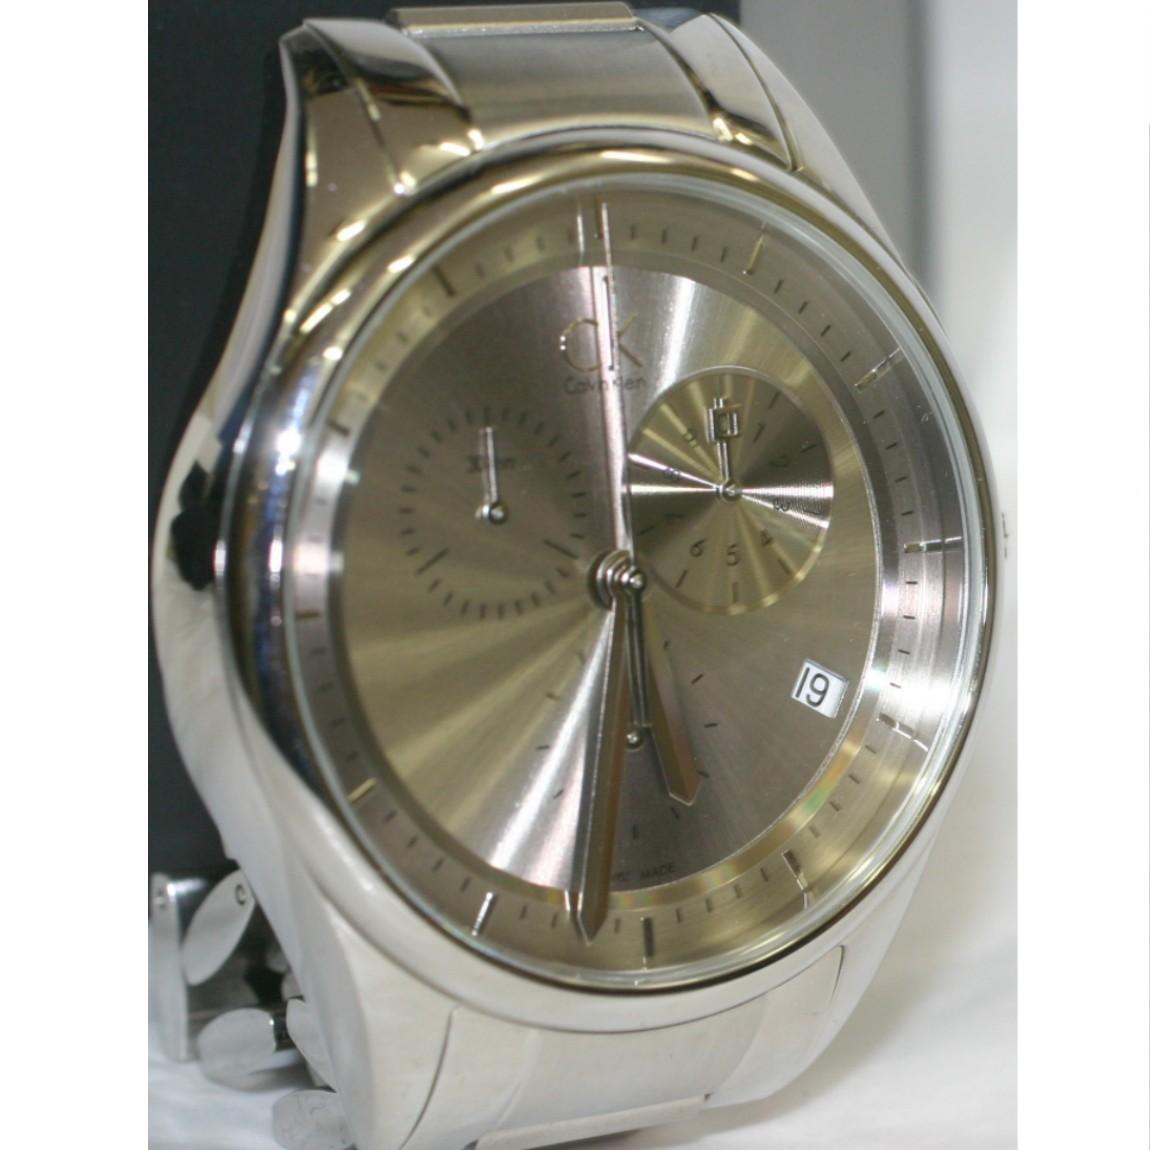 【中古】本物新品同様カルバンクライン紳士用クロノ文字盤のシルバーグレーのお洒落な時計3ヶ月保障付 ○A13-89